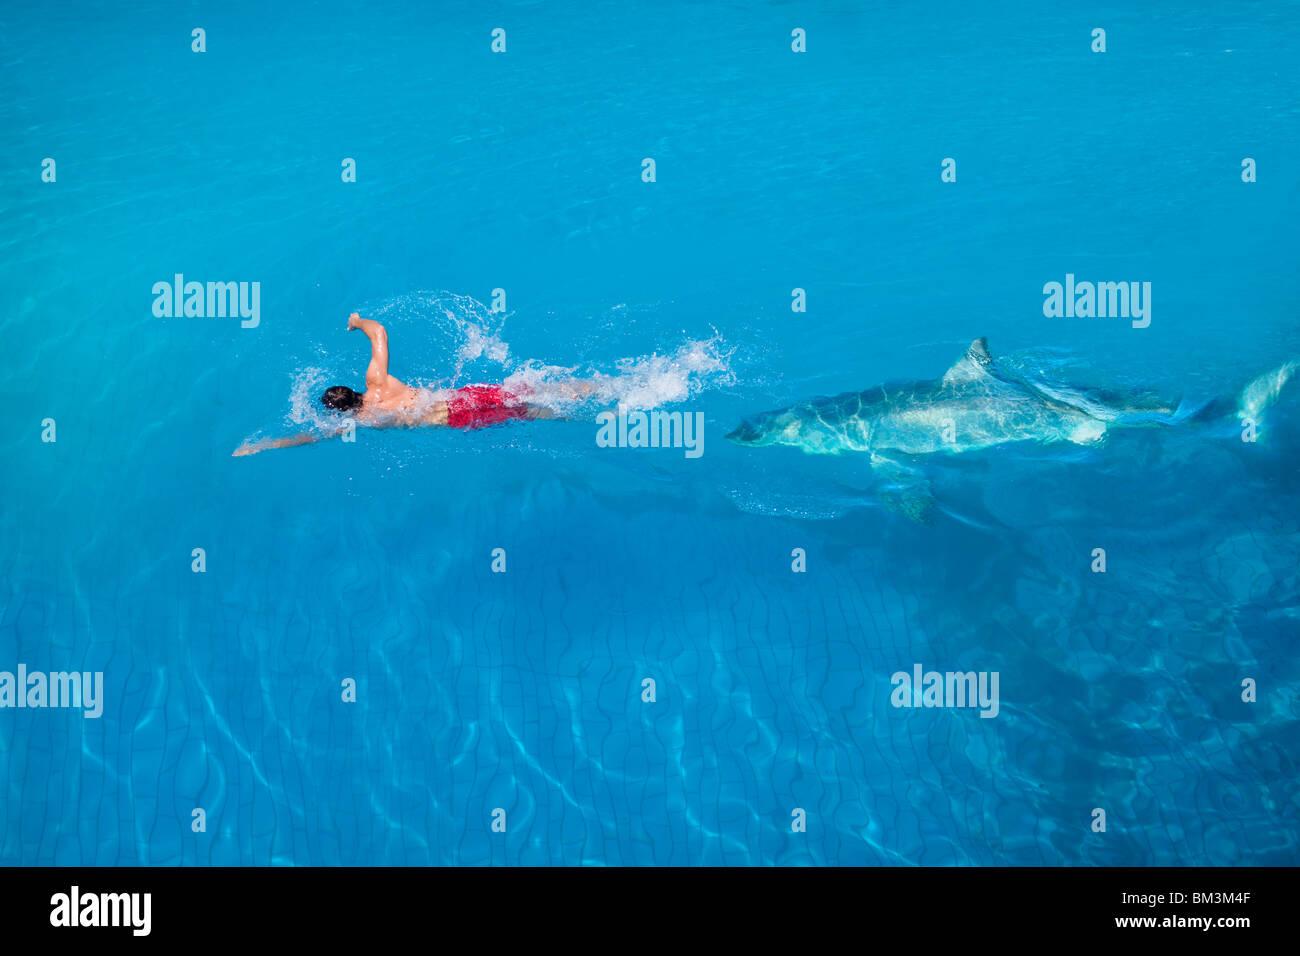 Siendo perseguido por un tiburón Imagen De Stock